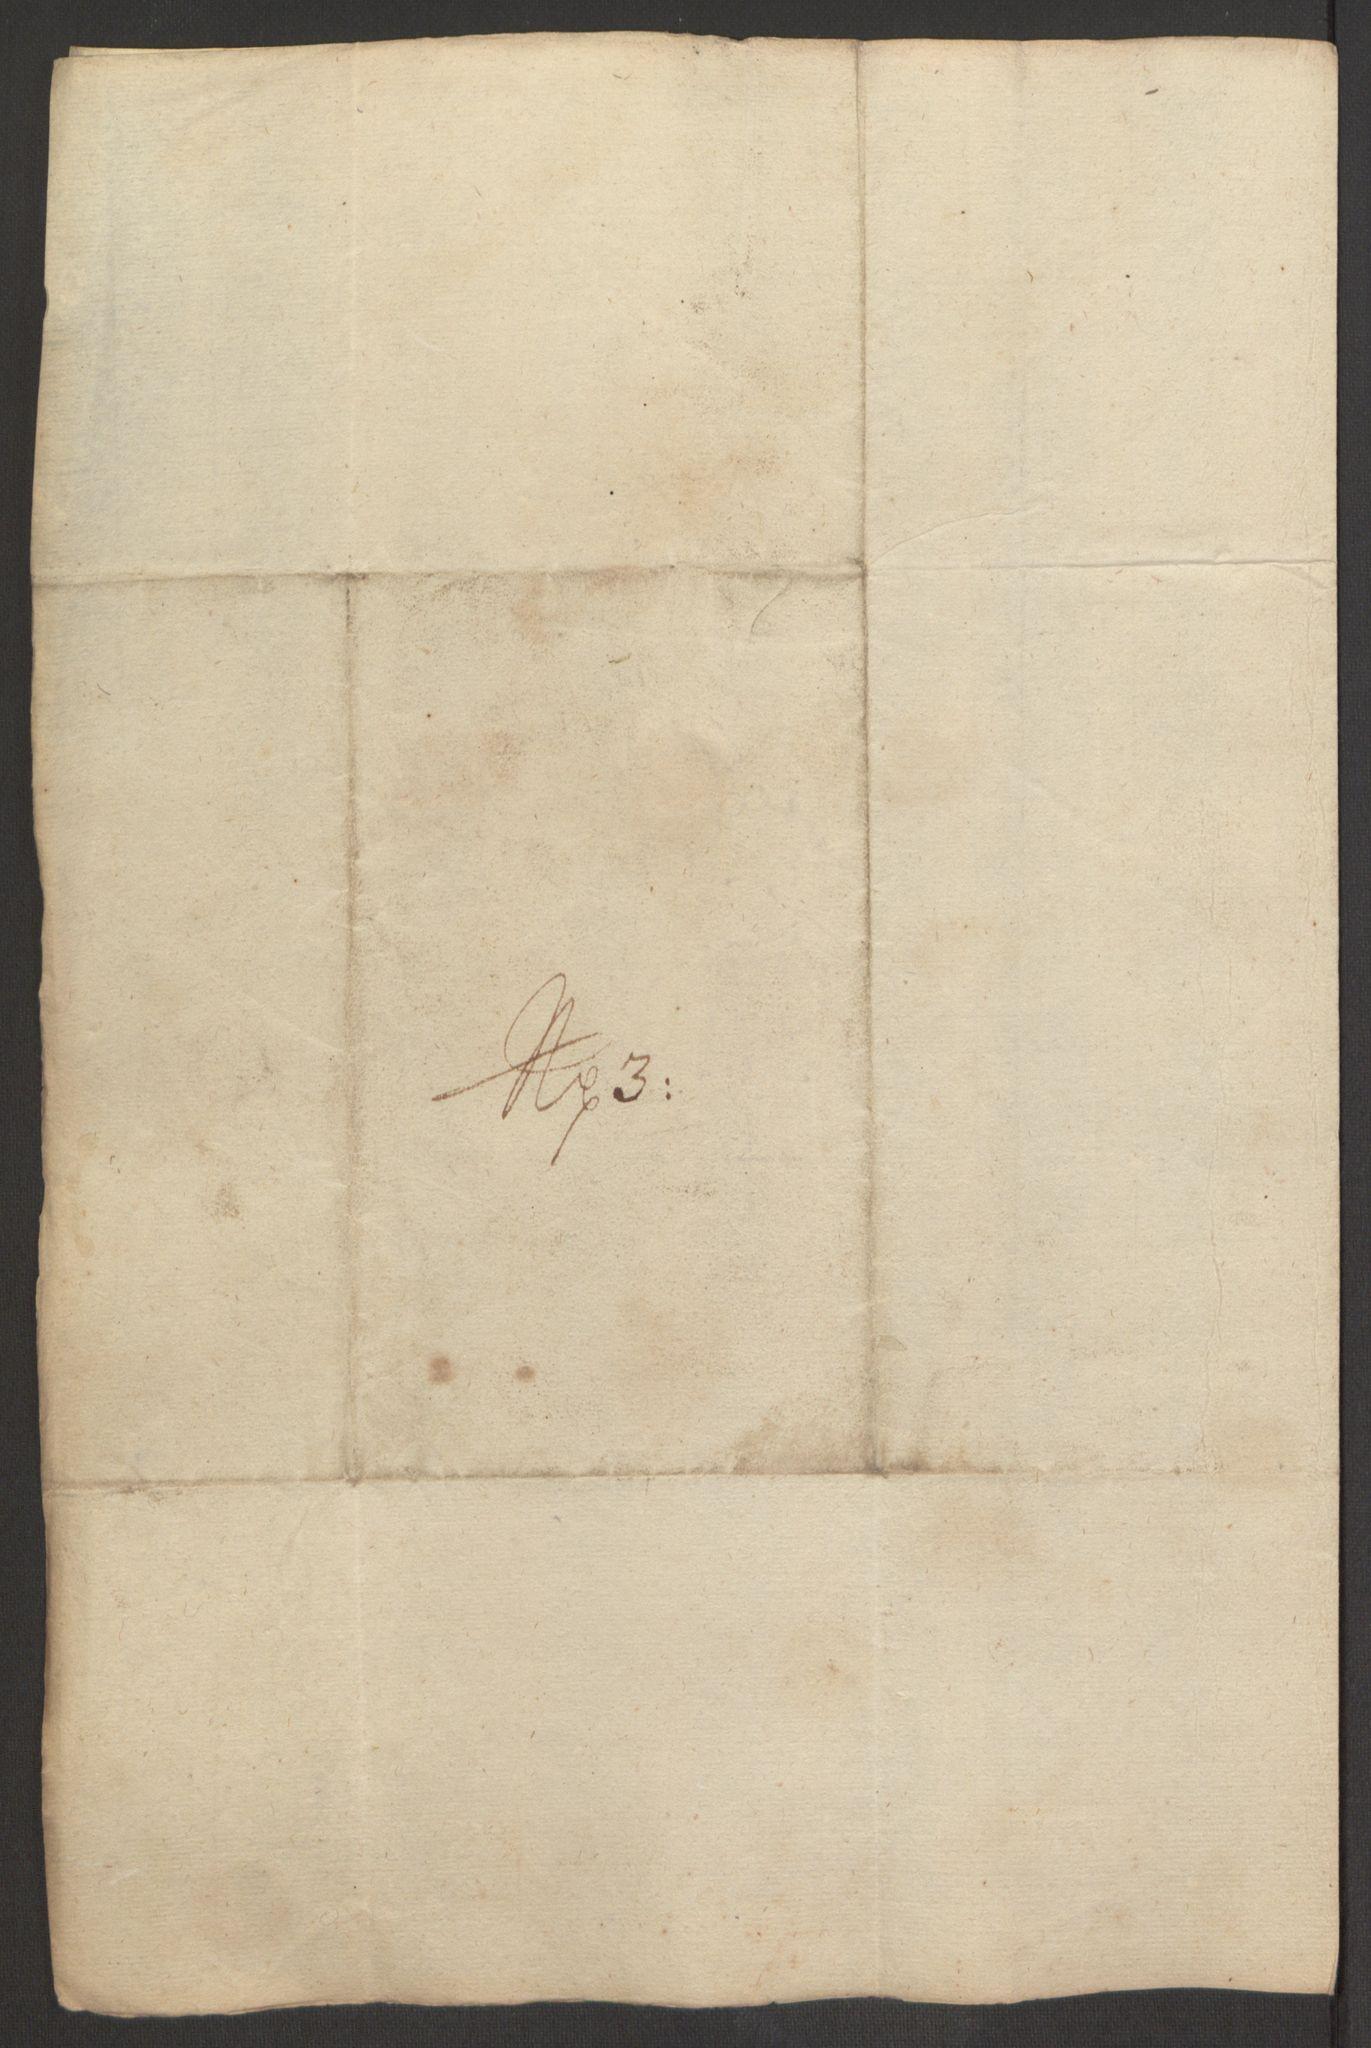 RA, Rentekammeret inntil 1814, Reviderte regnskaper, Fogderegnskap, R64/L4424: Fogderegnskap Namdal, 1692-1695, s. 277